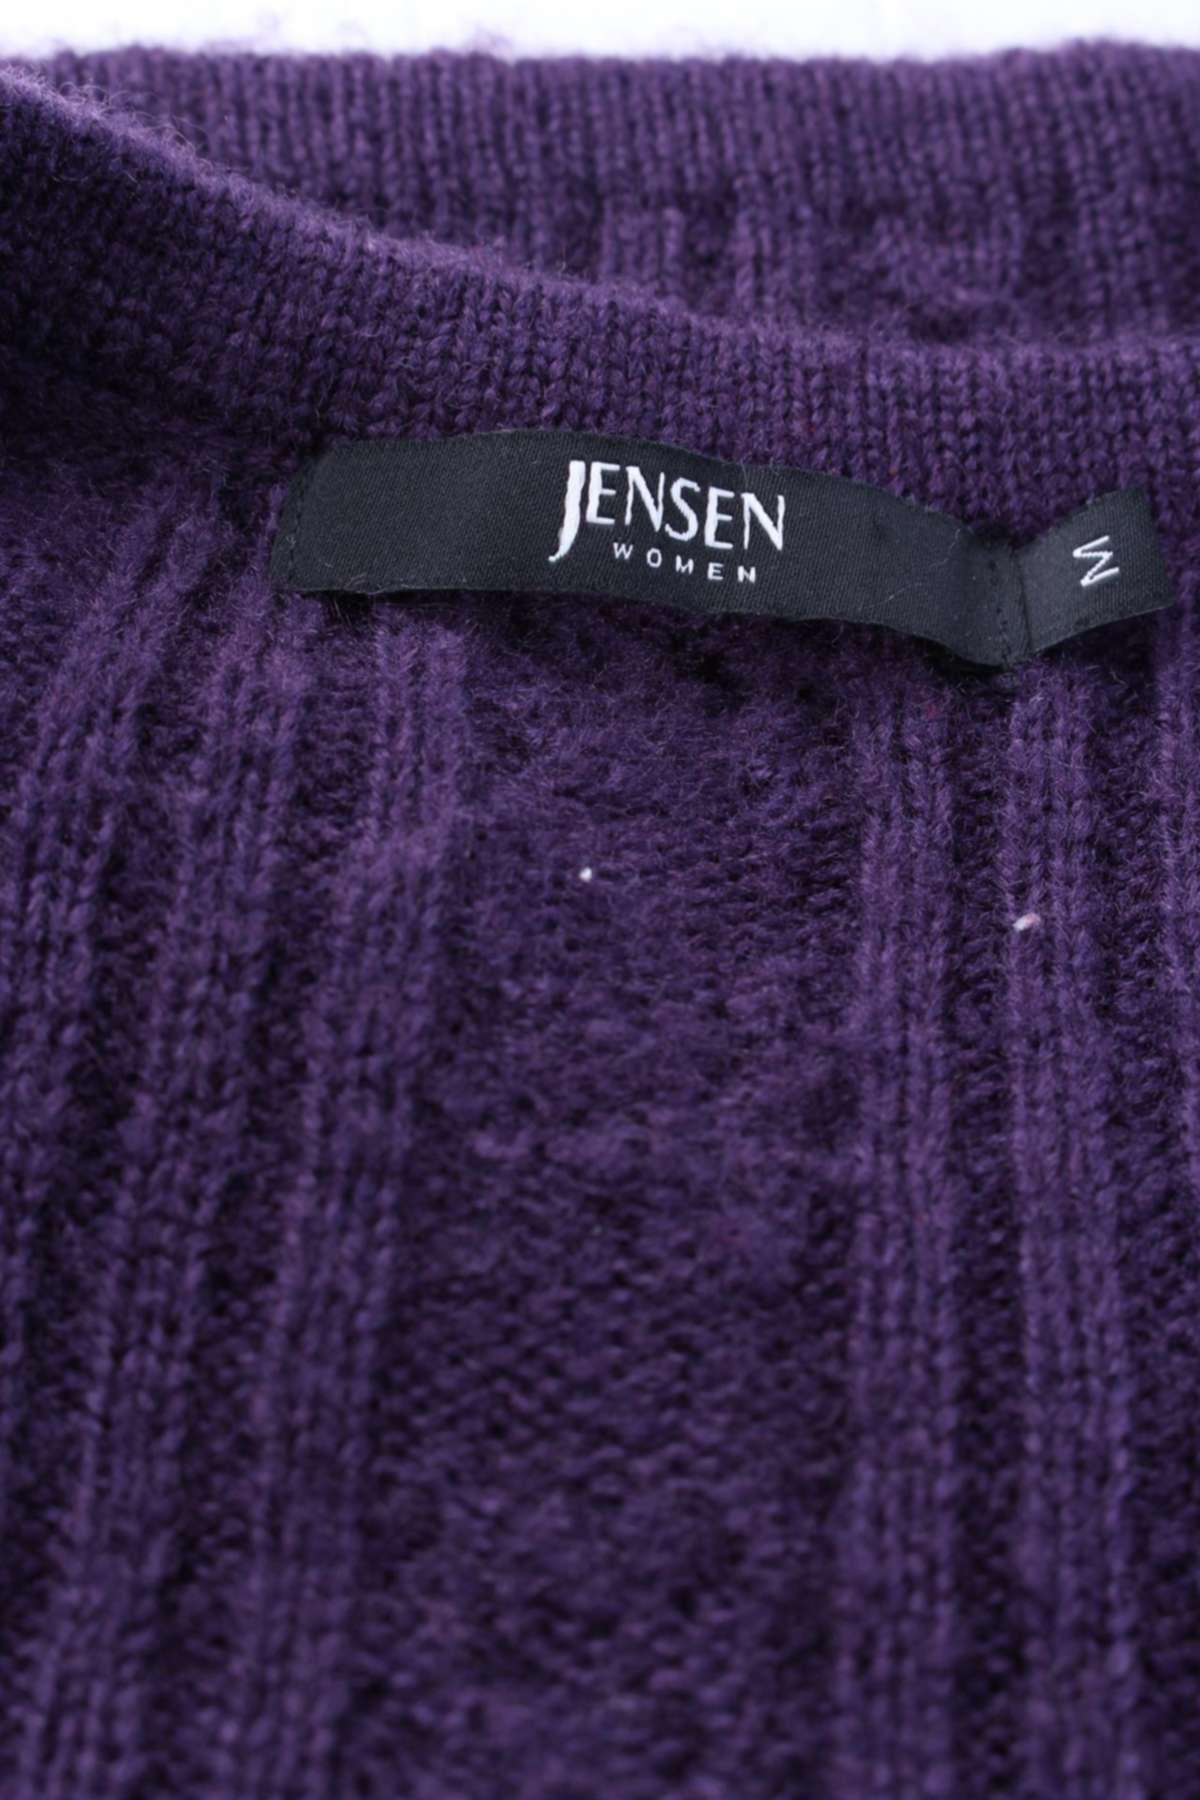 Дамска жилетка Jensen2